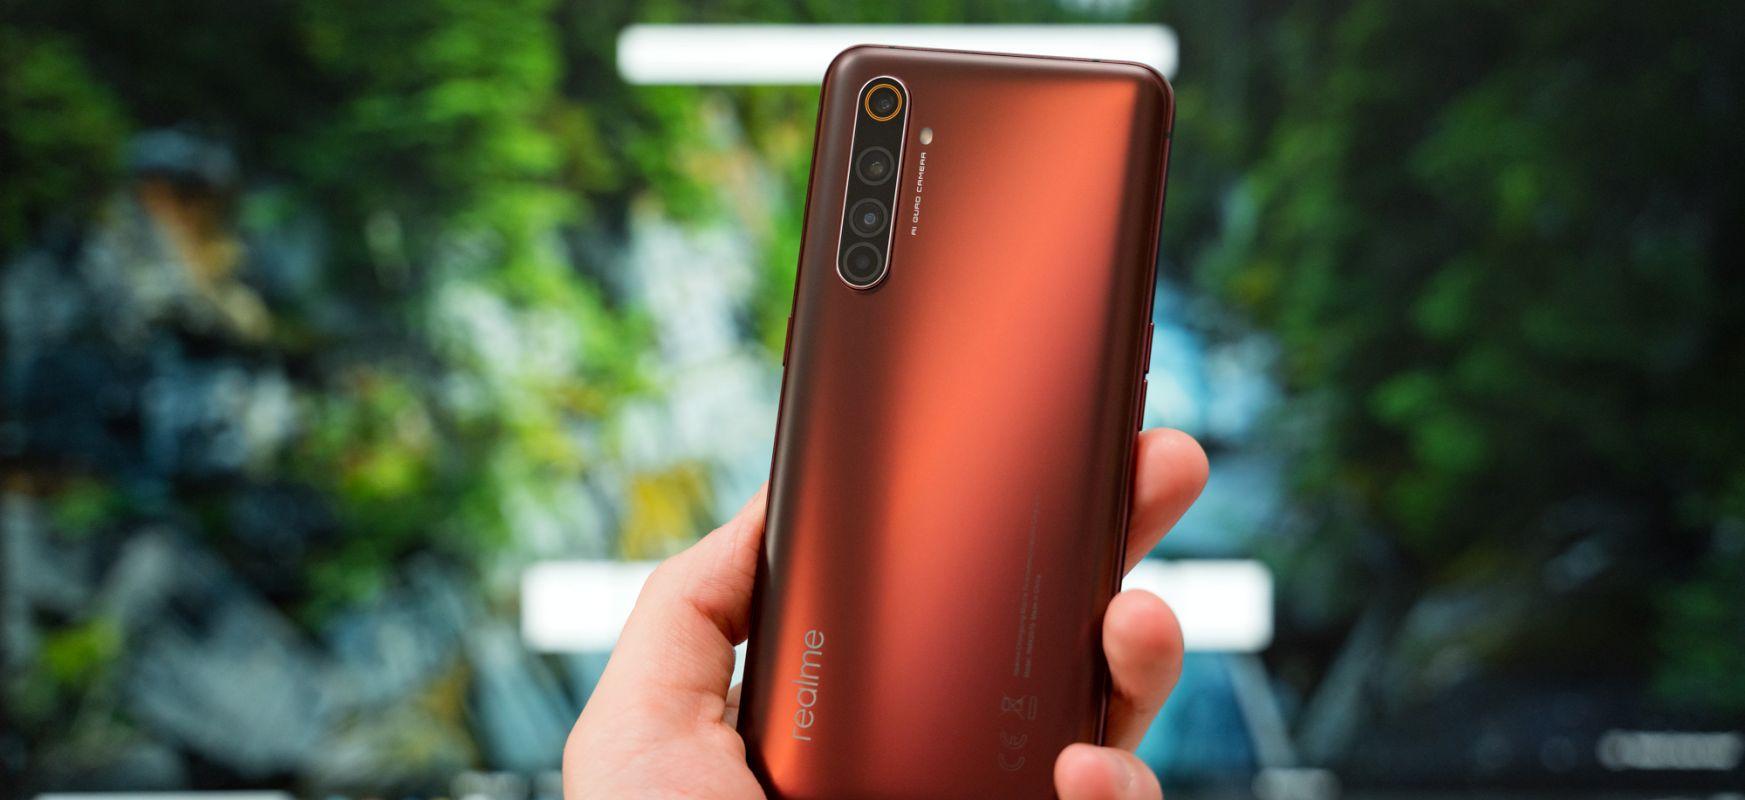 Telefonoaren lehen marka merezi duten osagaiak Xiaomi Mi baino 10 merkeagoak dira. Realme X50 Pro 5G - lehen inpresioak